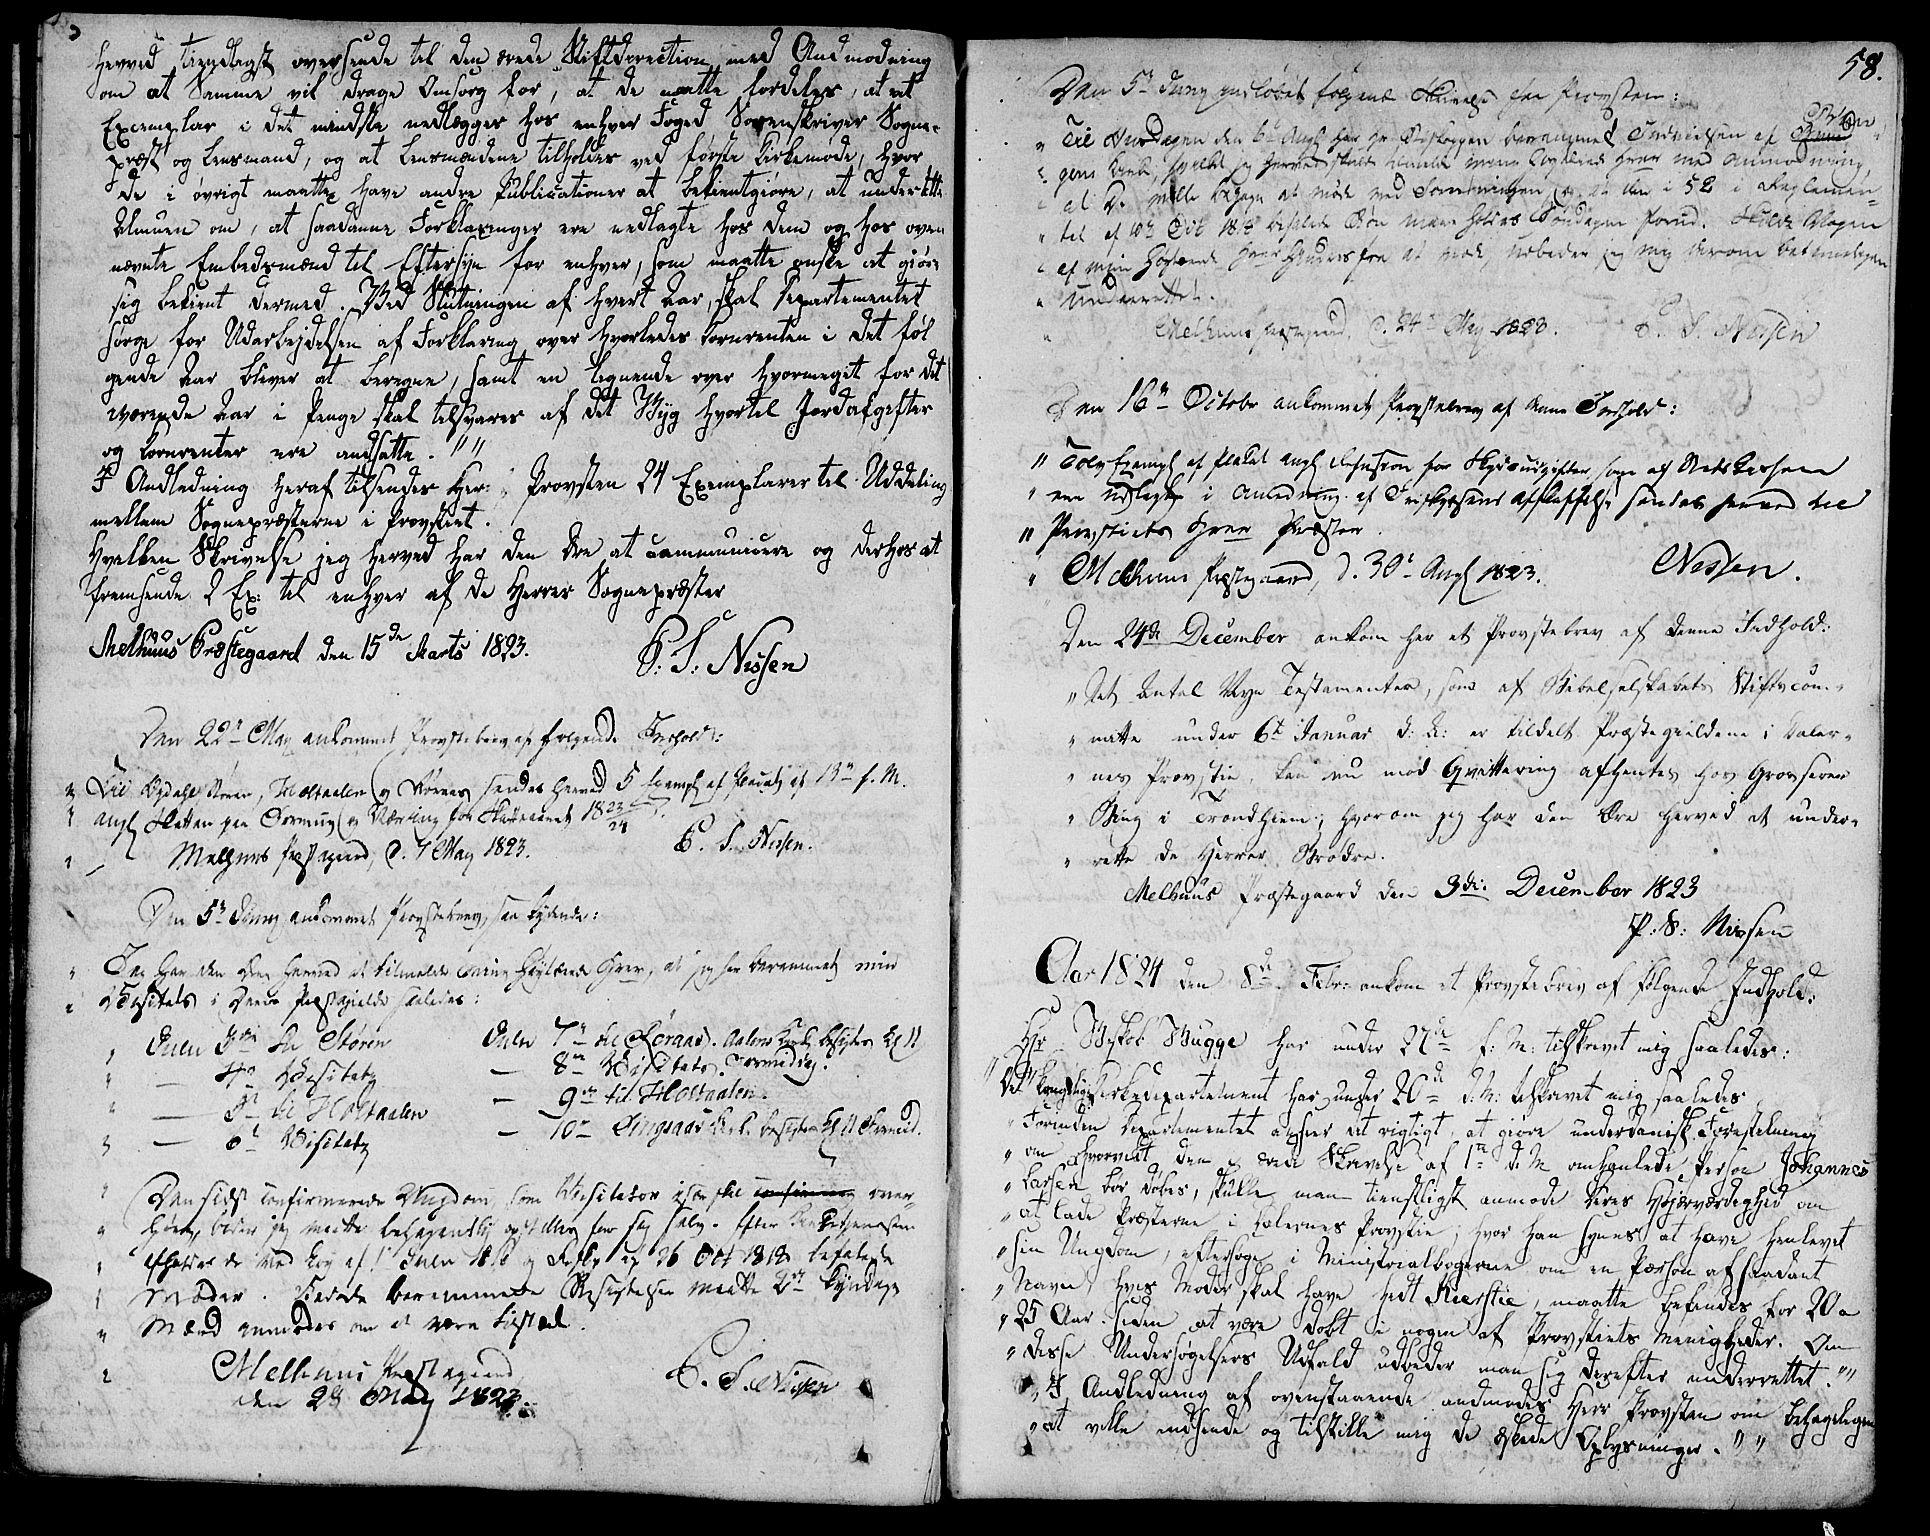 SAT, Ministerialprotokoller, klokkerbøker og fødselsregistre - Sør-Trøndelag, 685/L0953: Ministerialbok nr. 685A02, 1805-1816, s. 58